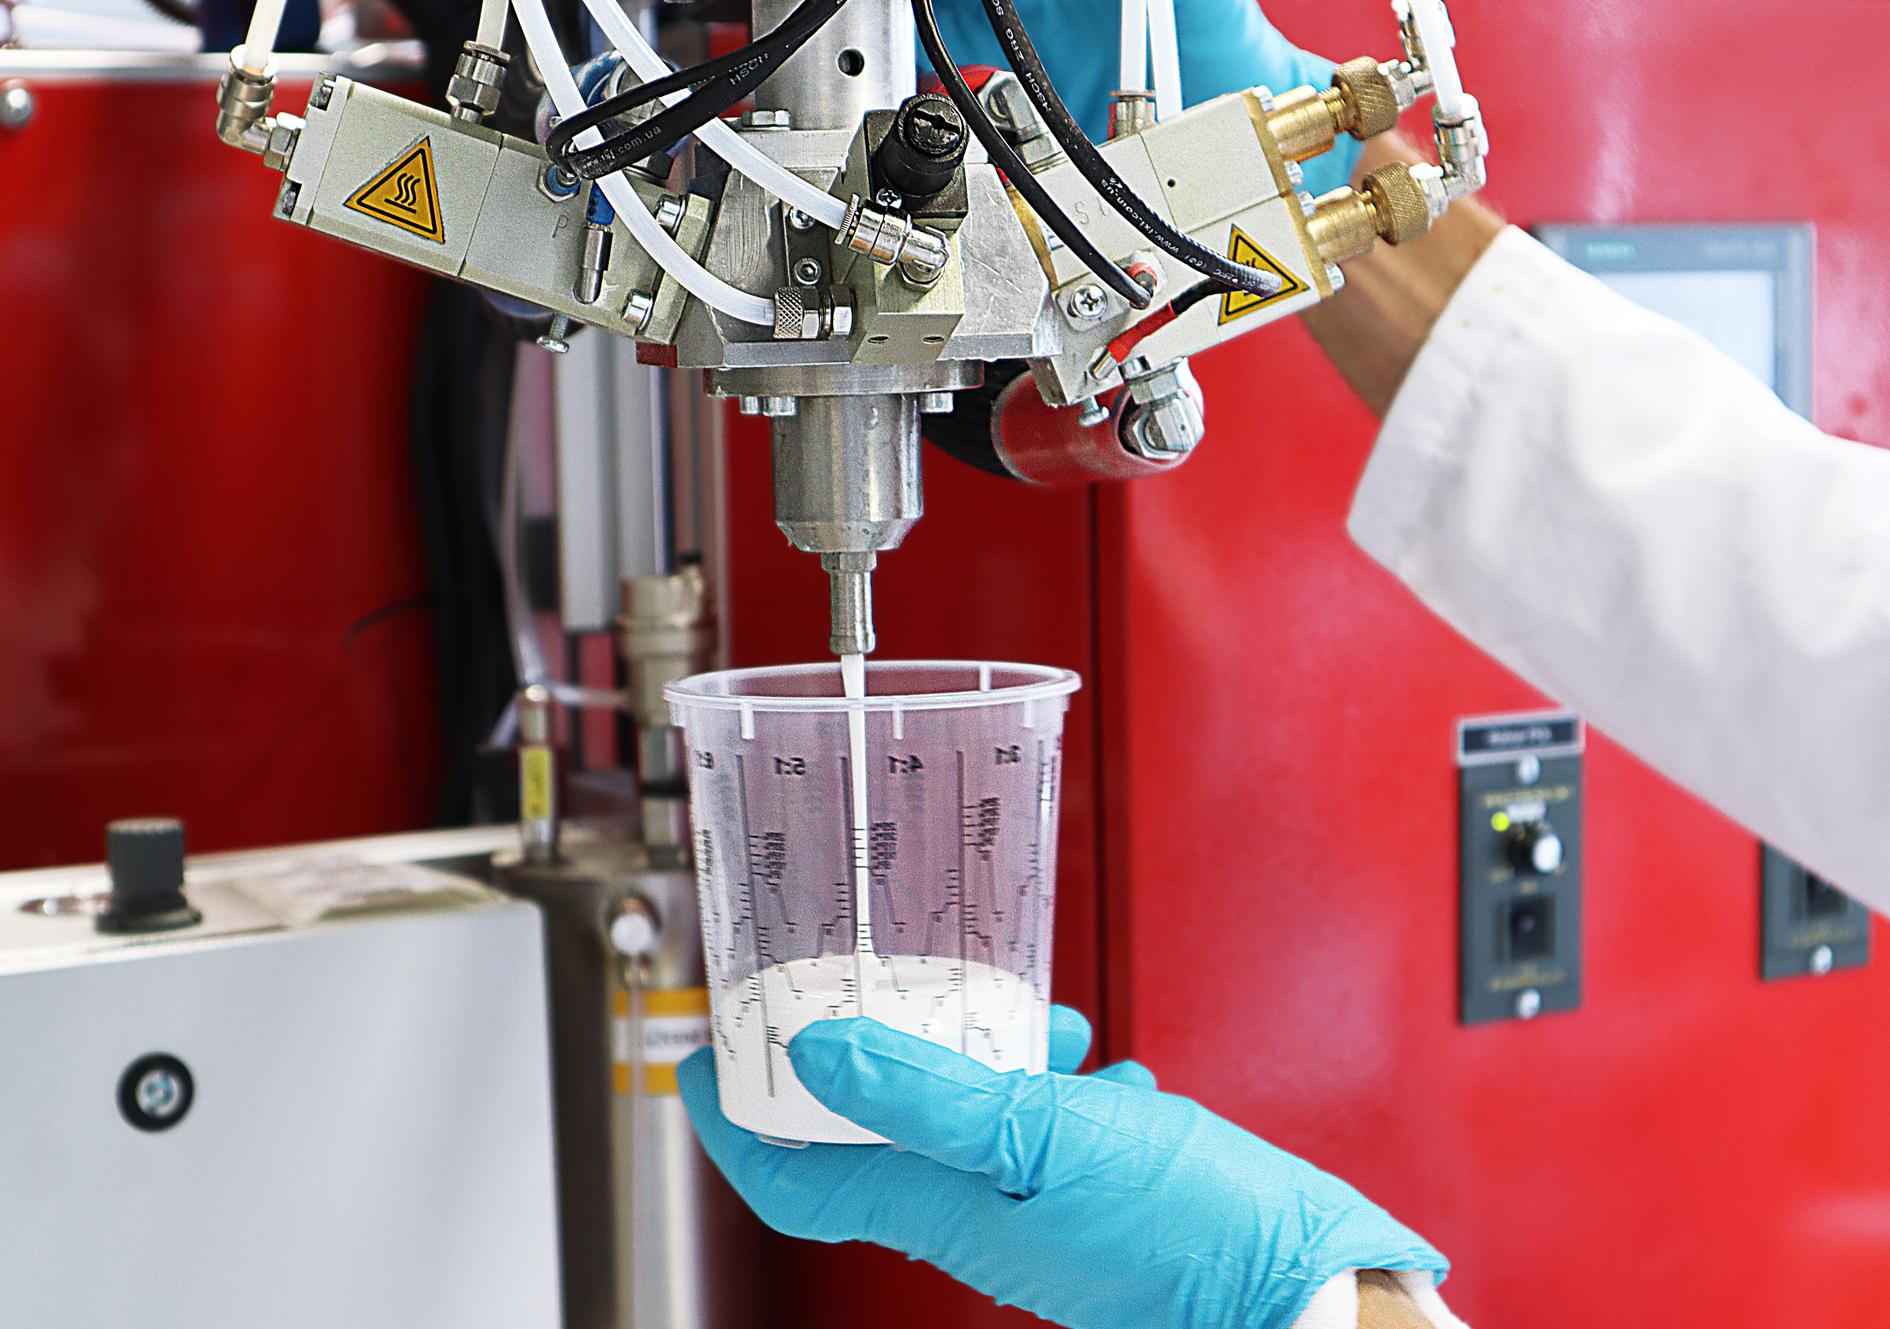 Die Dämmstoffe mit programmierbarem Materialverhalten werden auf Basis solcher Formgedächtnispolymer-Schäume entwickelt. © Fraunhofer IAP